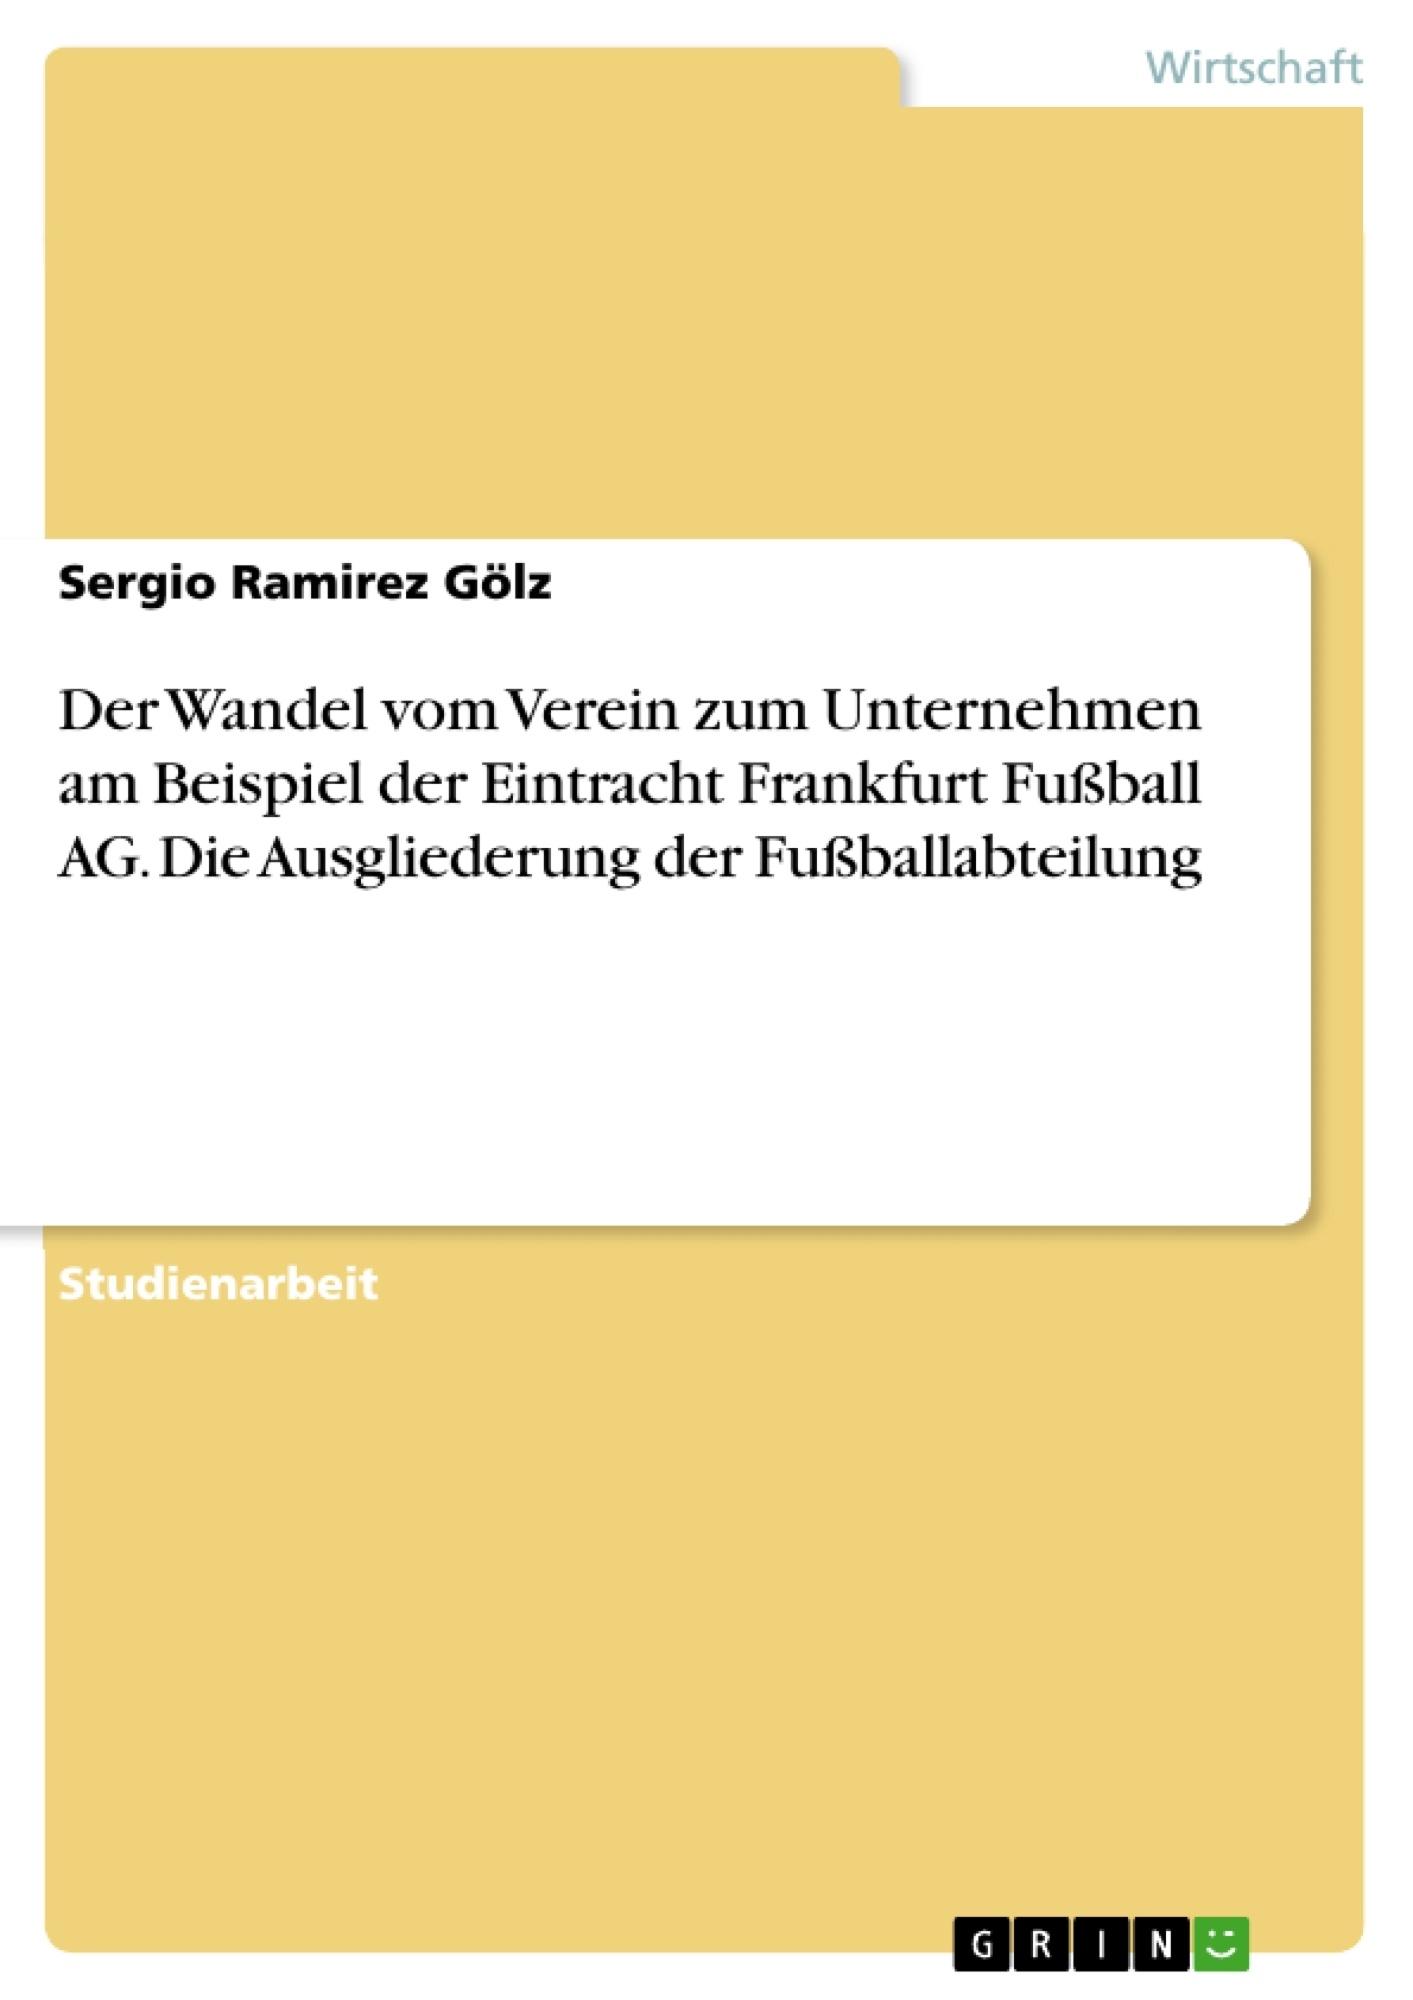 Titel: Der Wandel vom Verein zum Unternehmen am Beispiel der Eintracht Frankfurt Fußball AG. Die Ausgliederung der Fußballabteilung